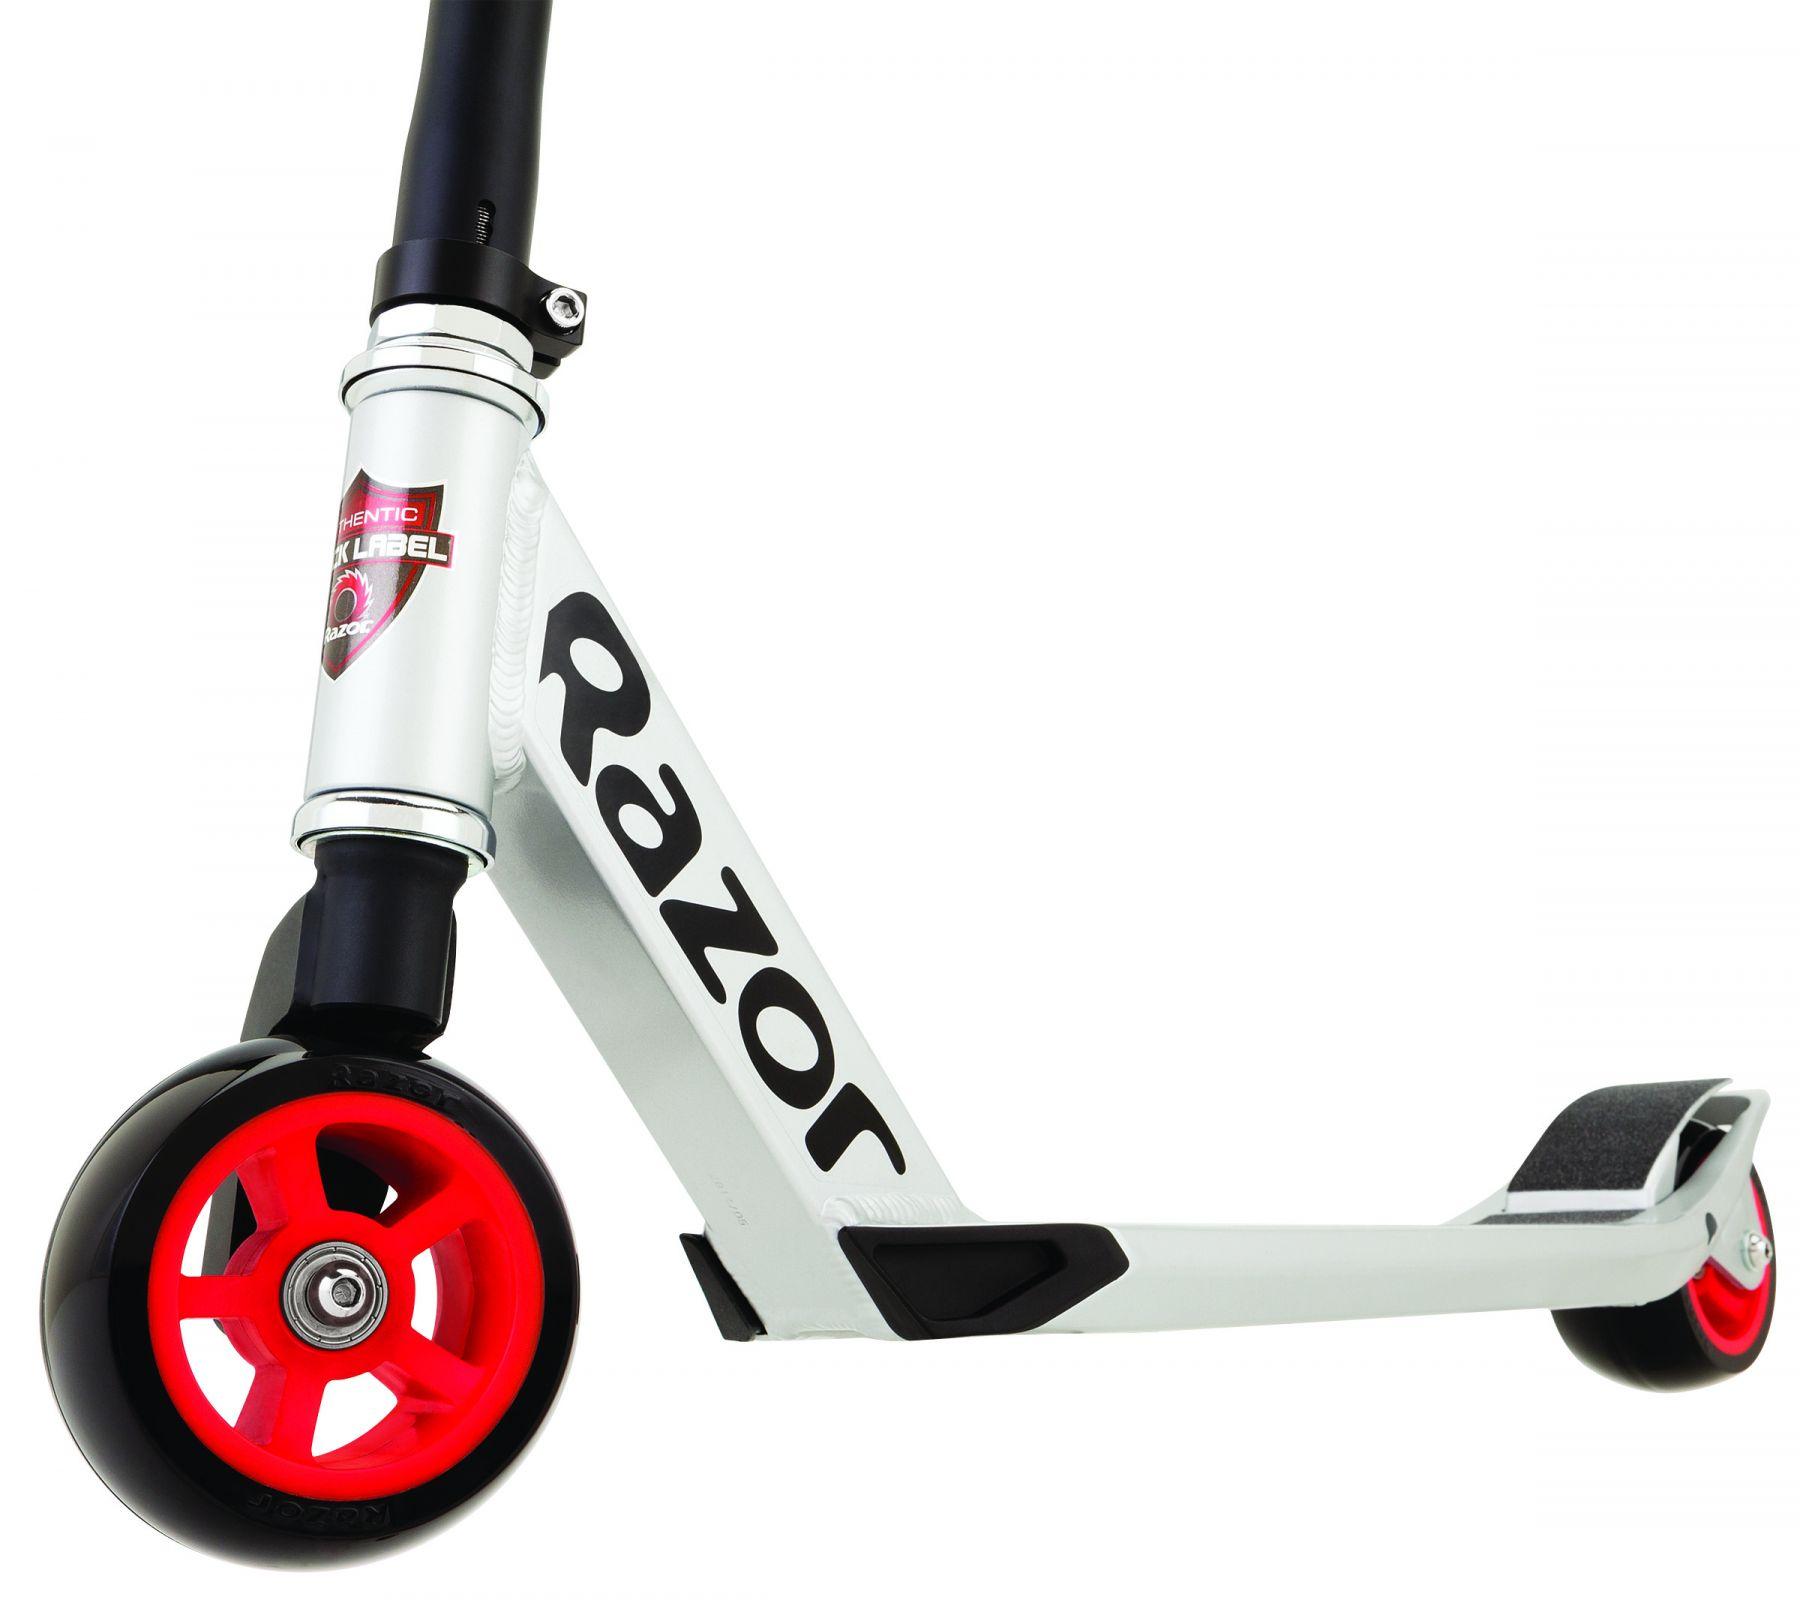 Городской самокат Razor Black Label R-Tec Scooter купить